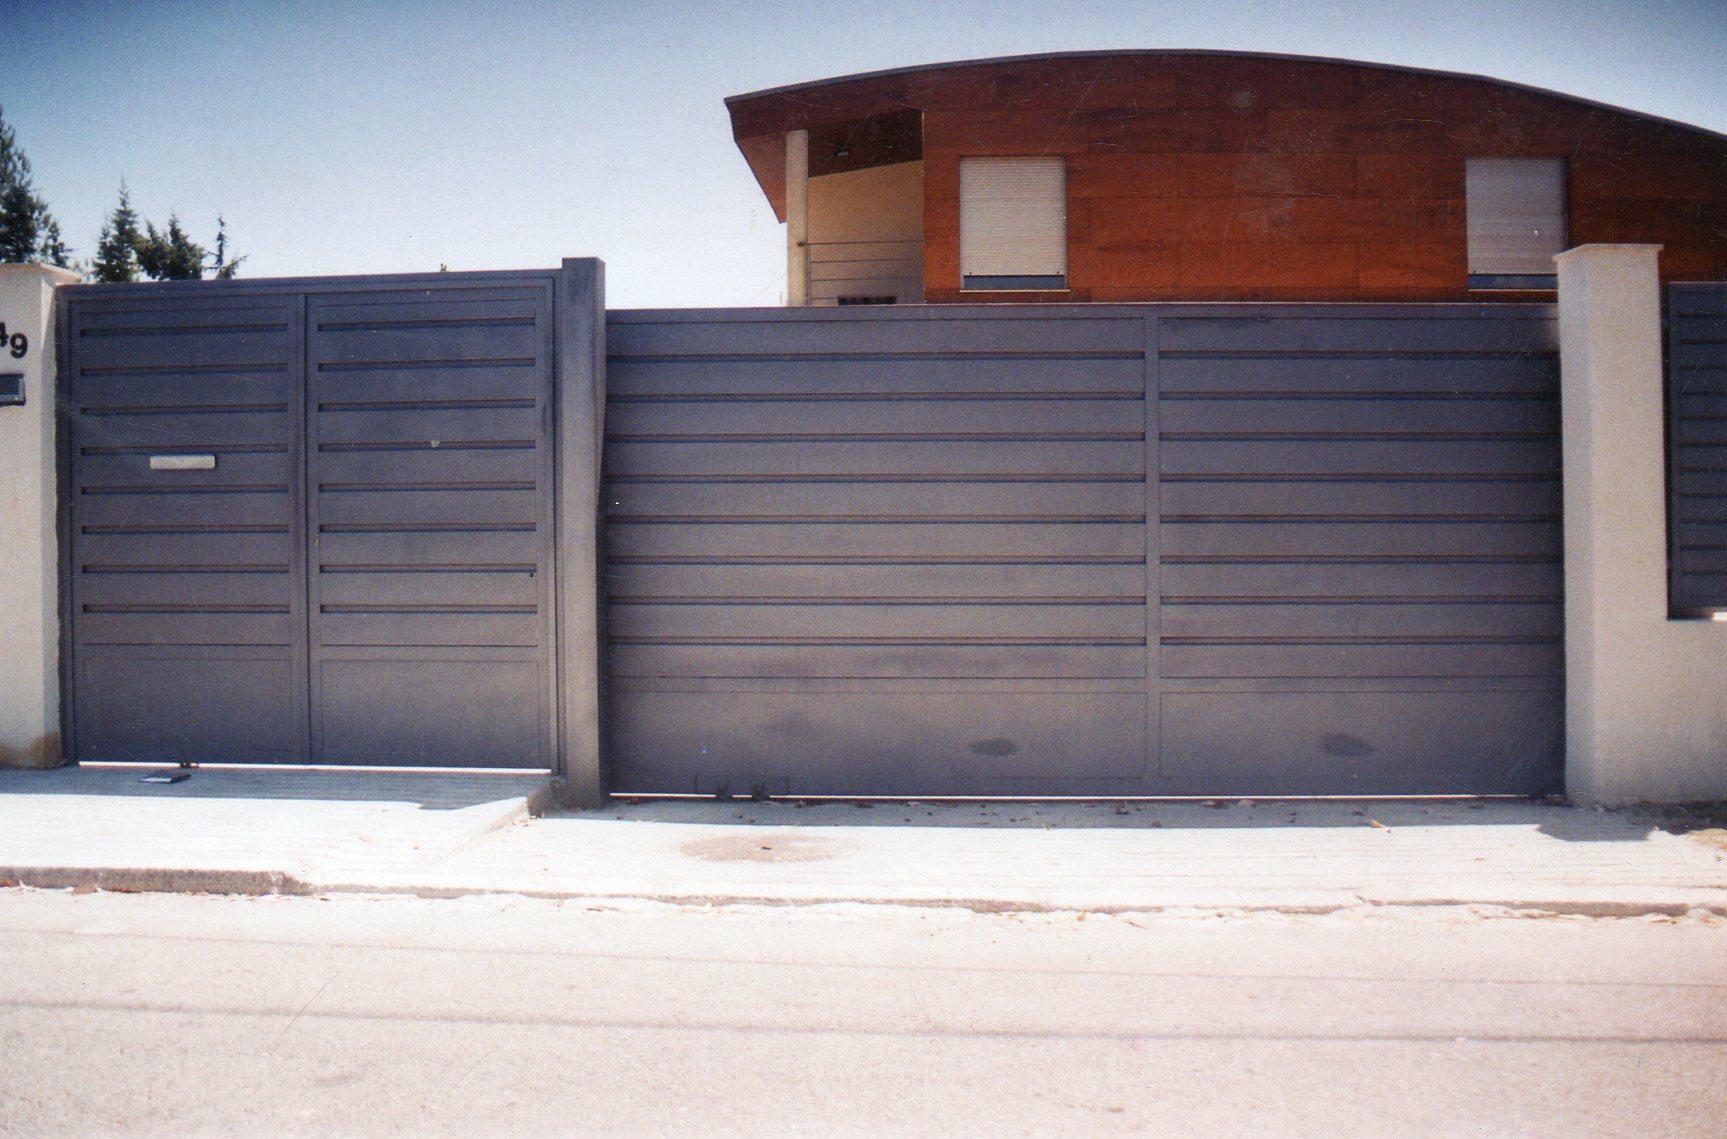 Cerrajer a madrid cerrajer a de aluminio met lica y de for Puertas correderas de forja